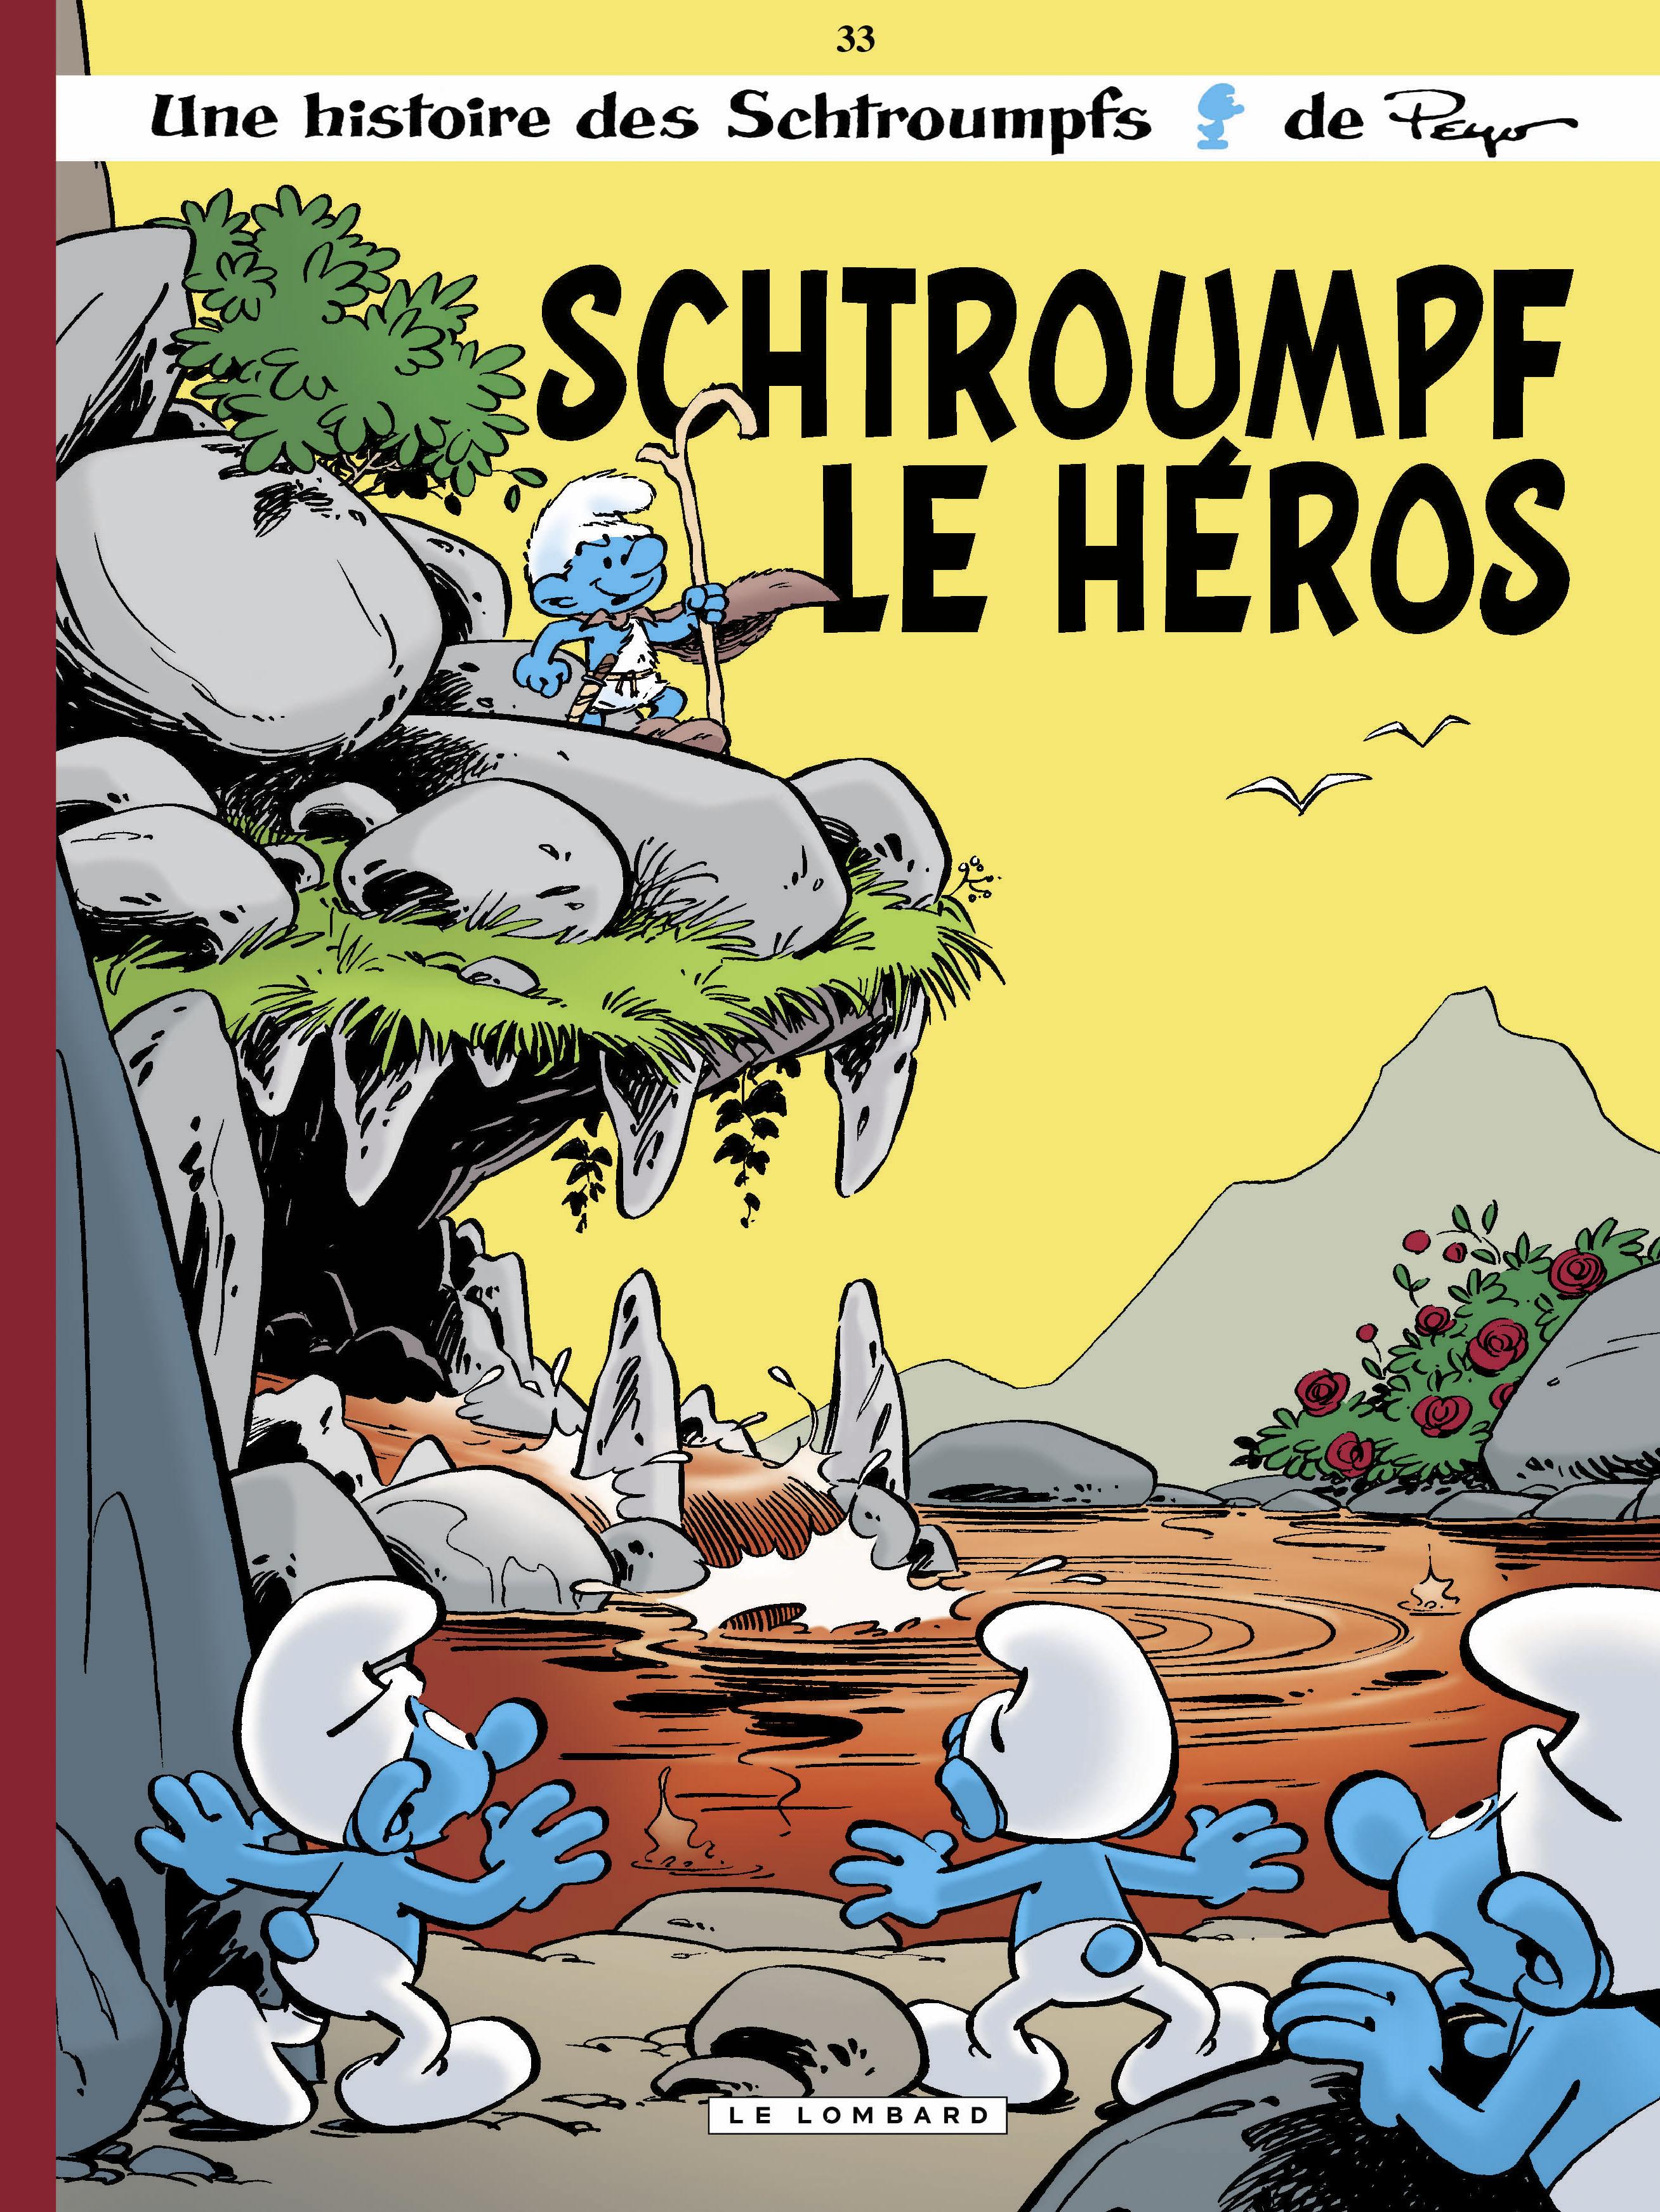 Les Schtroumpfs 33 - Schtroumpf le héros